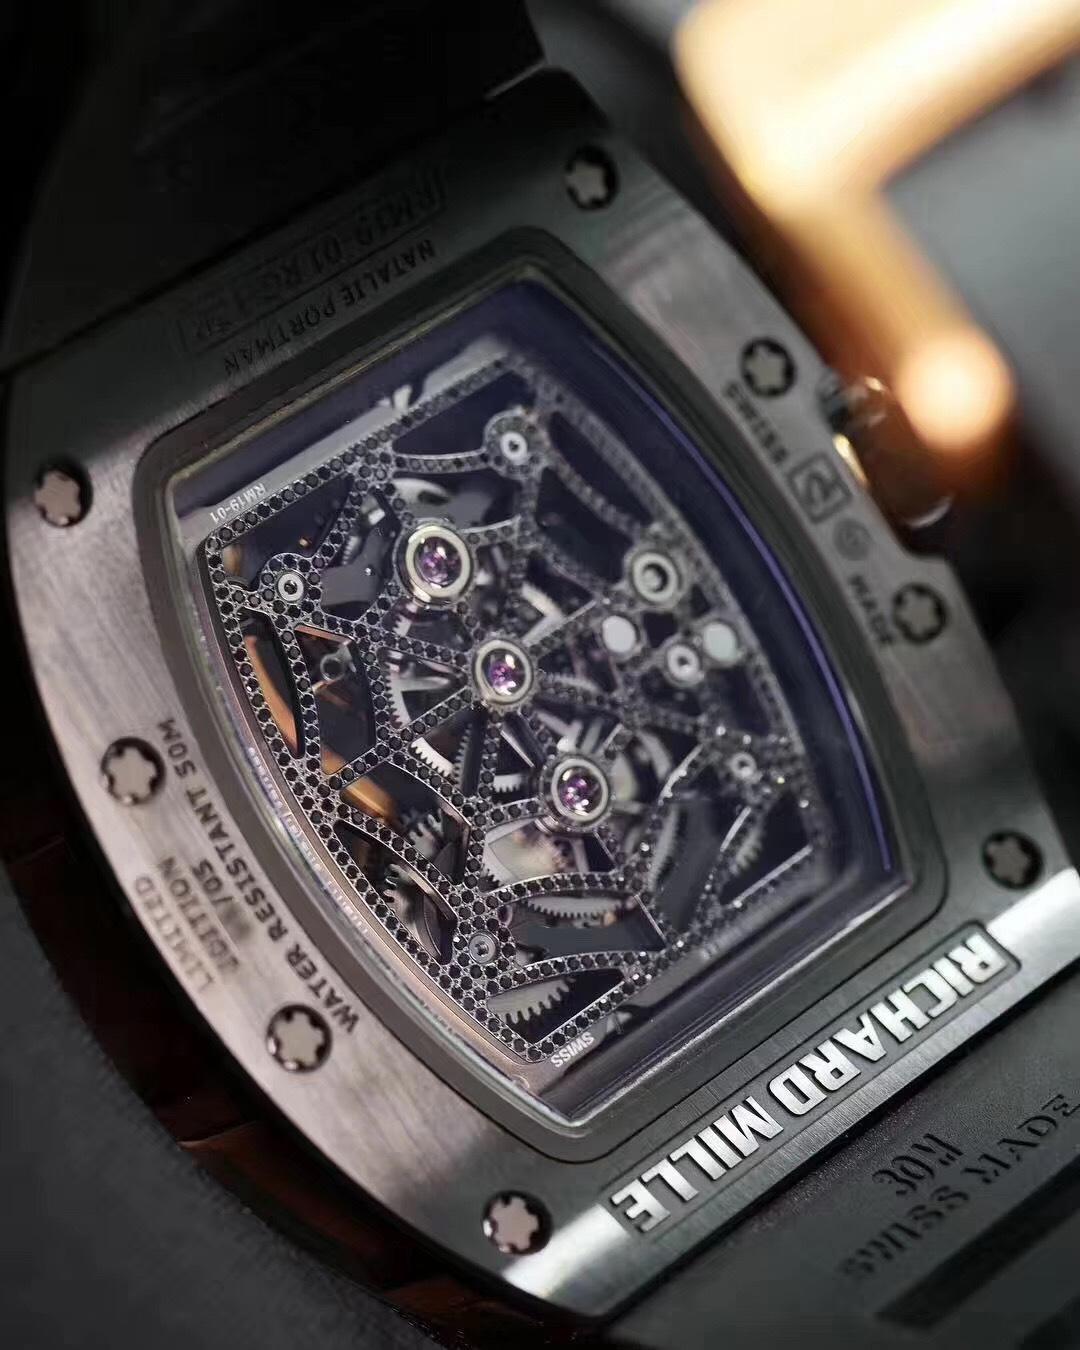 限量版最服你 理查德米勒RM19-01蜘蛛陀飞轮手表 澳门高价回收理查德米勒手表